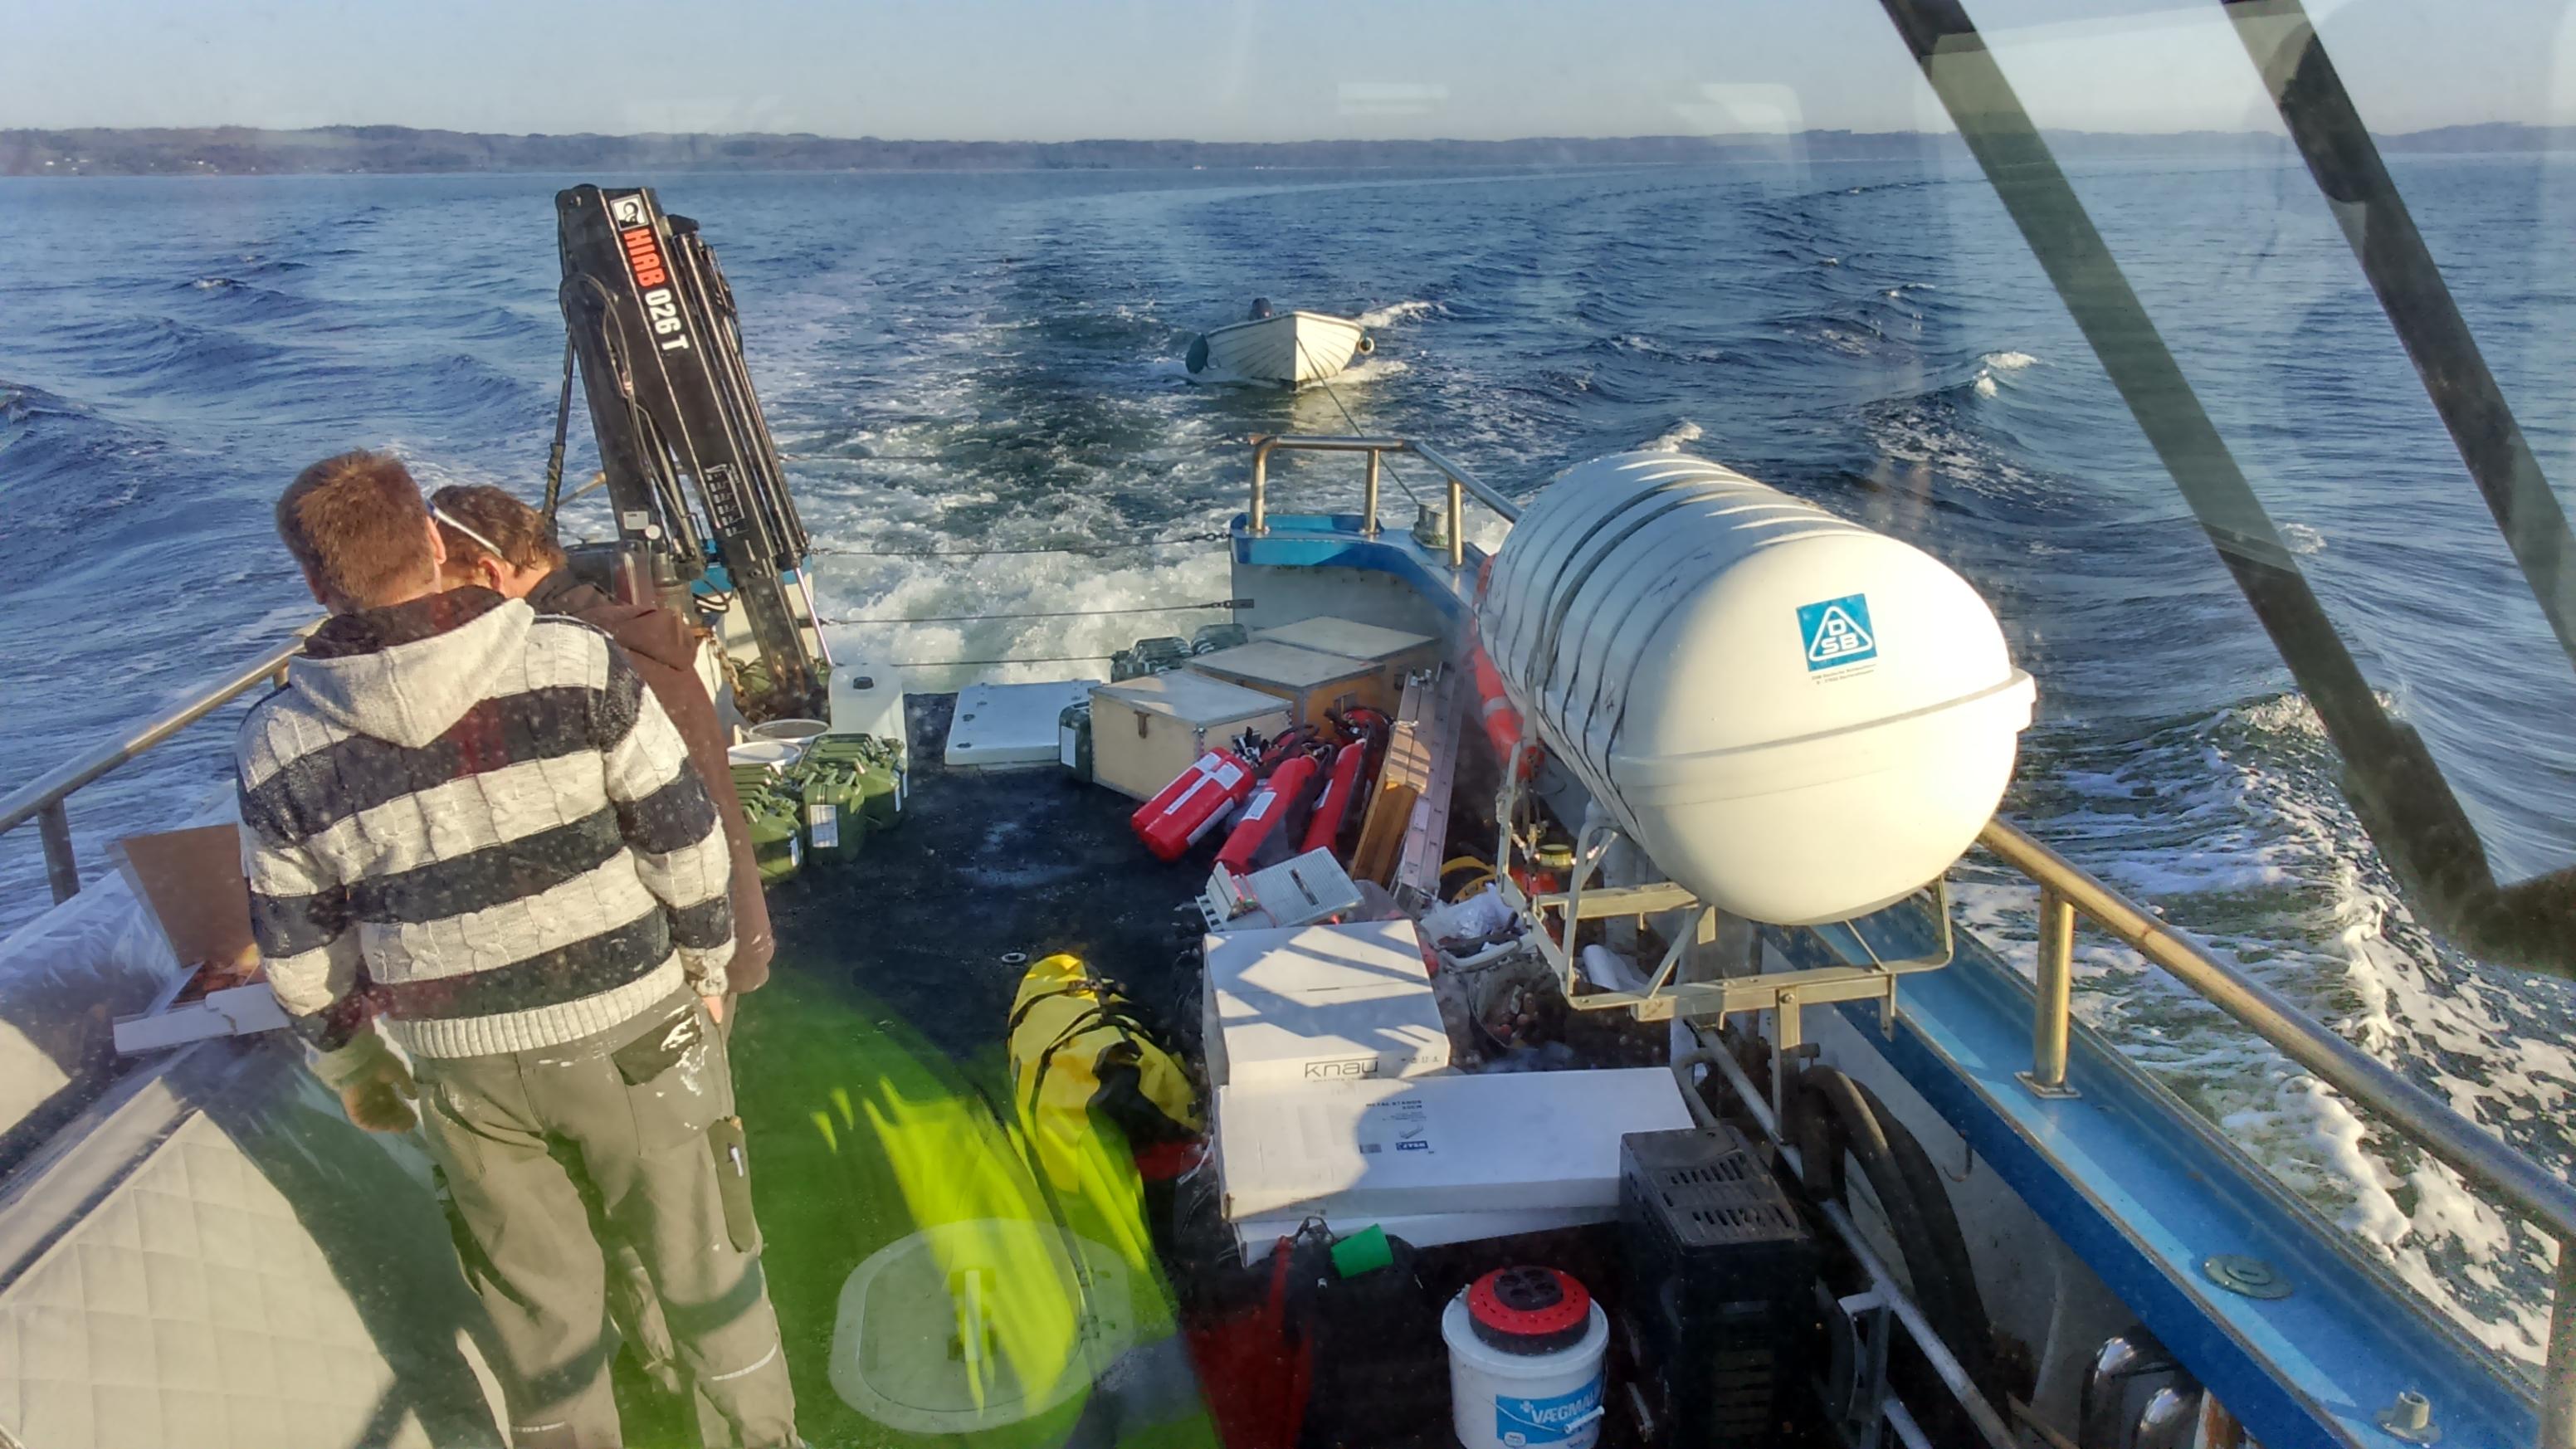 Sejlads til øen Hjelm